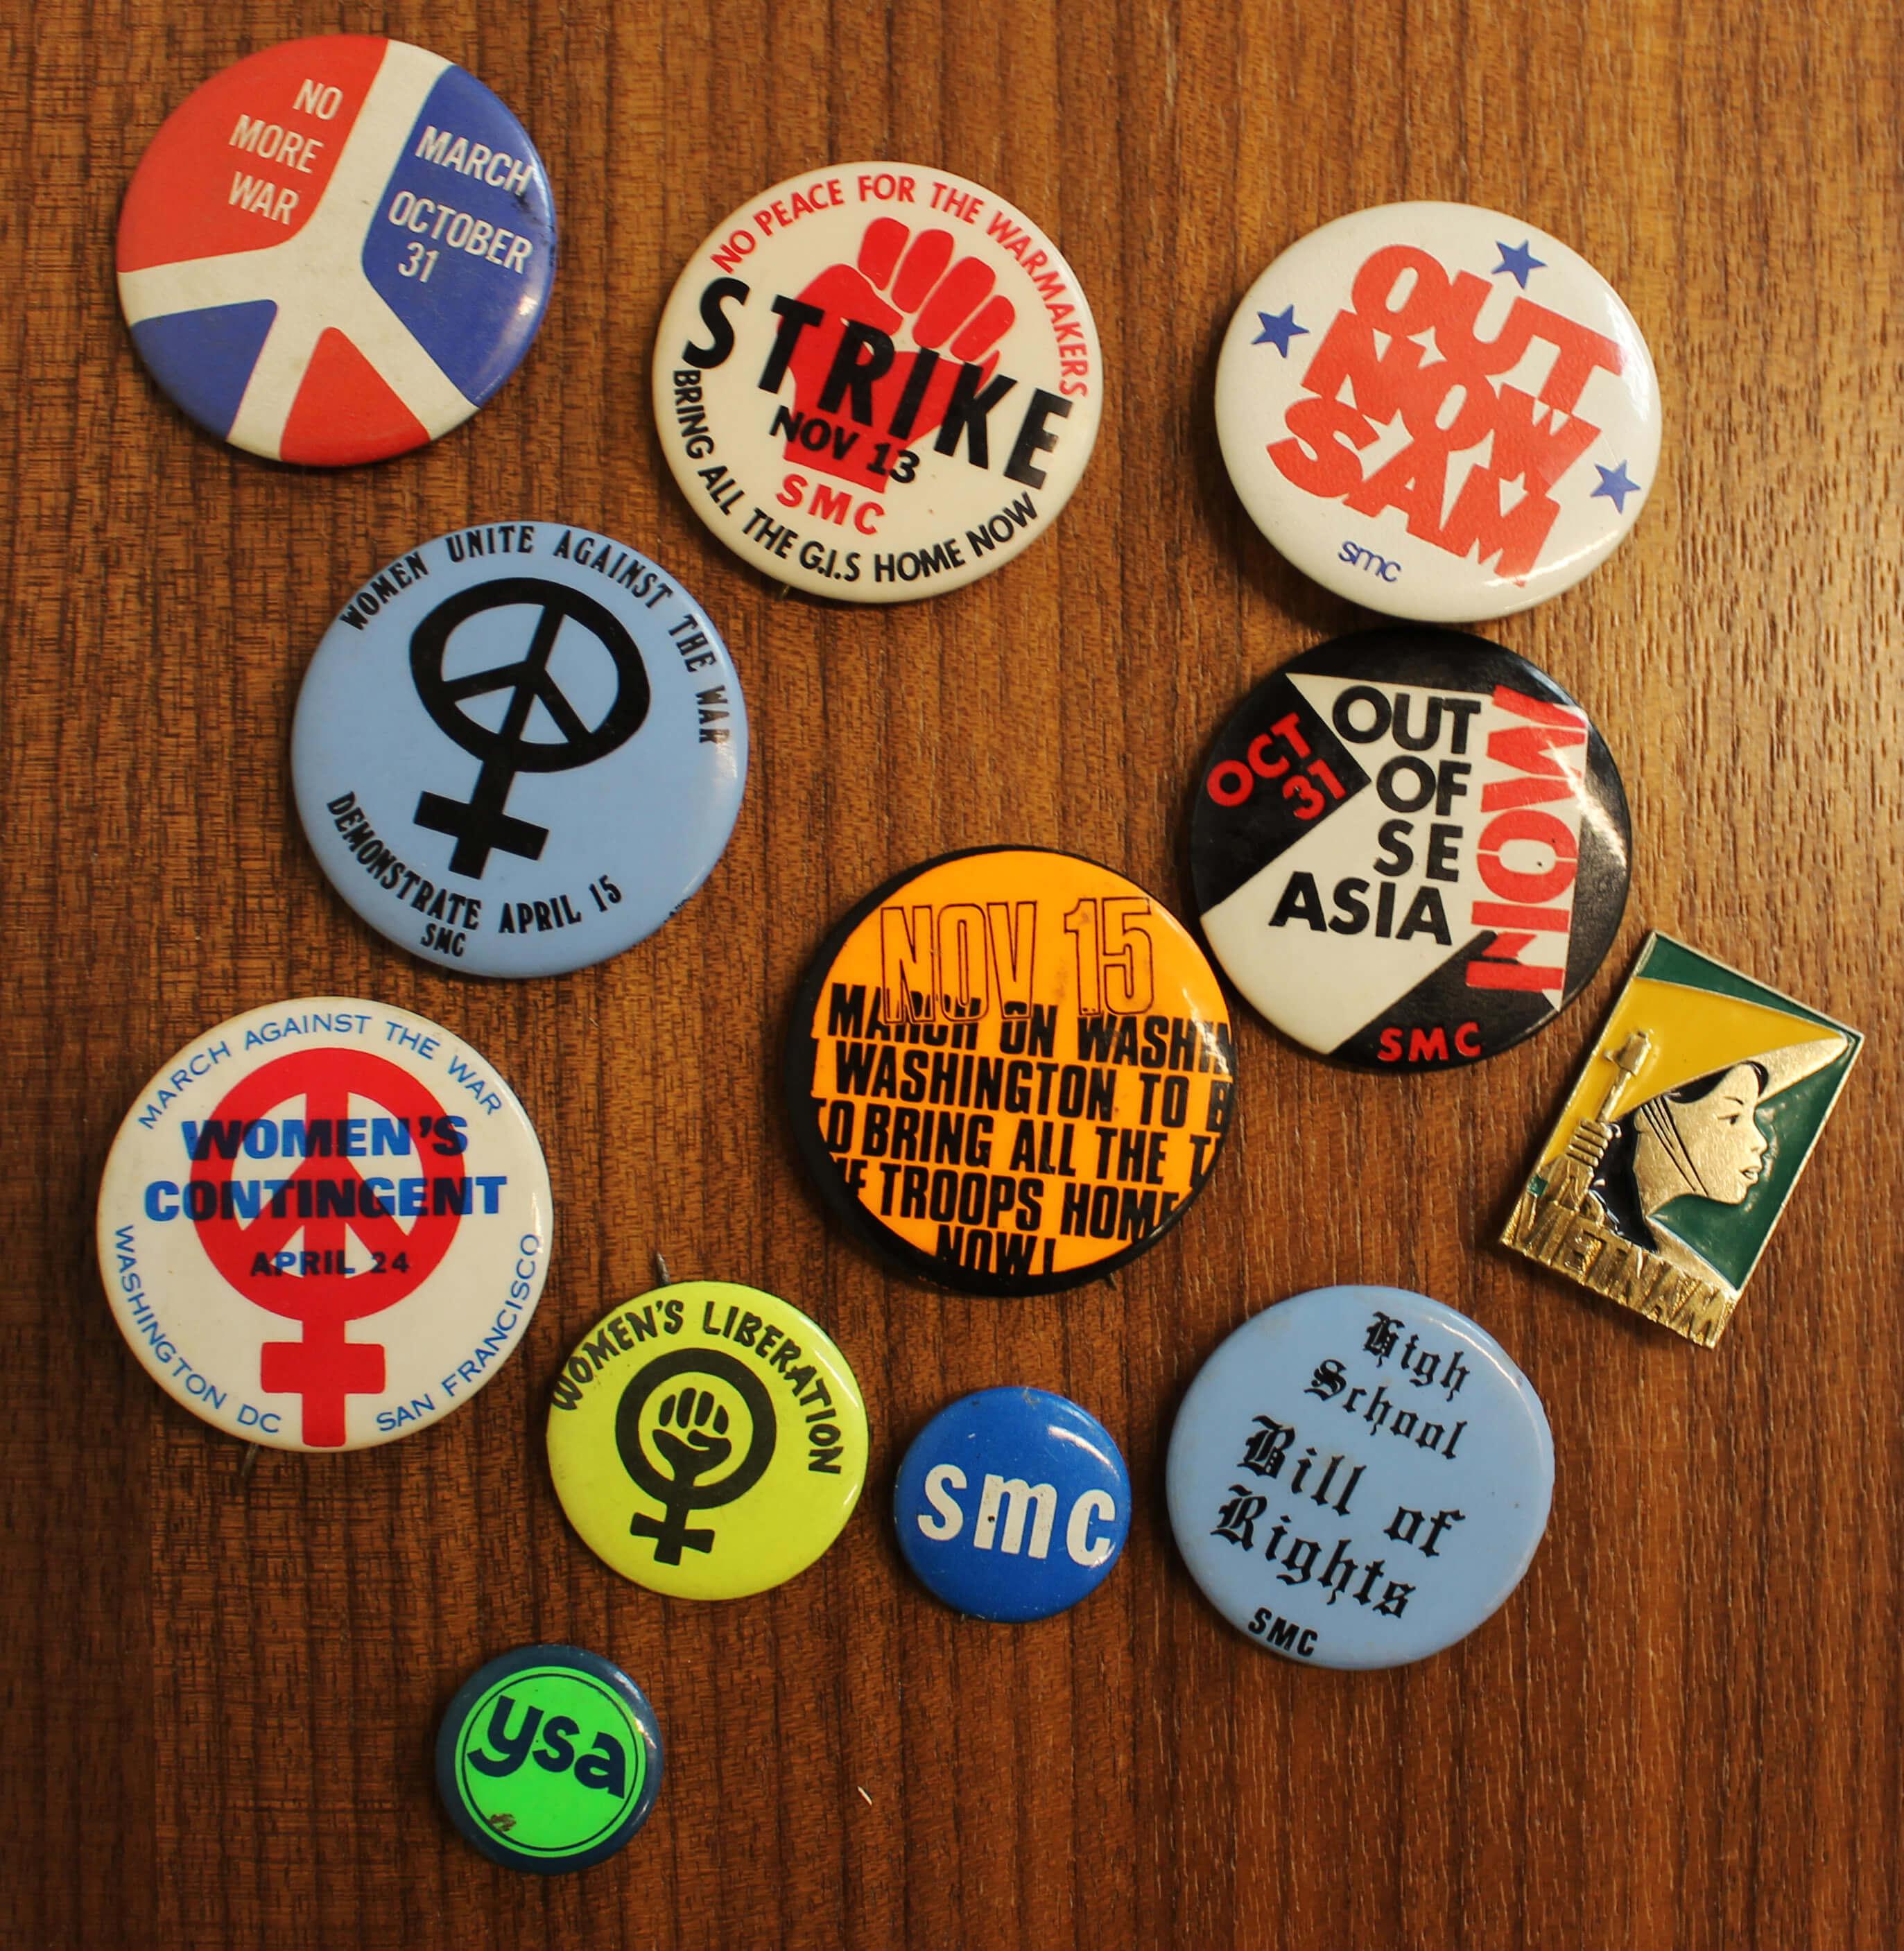 Antiwar movement buttons